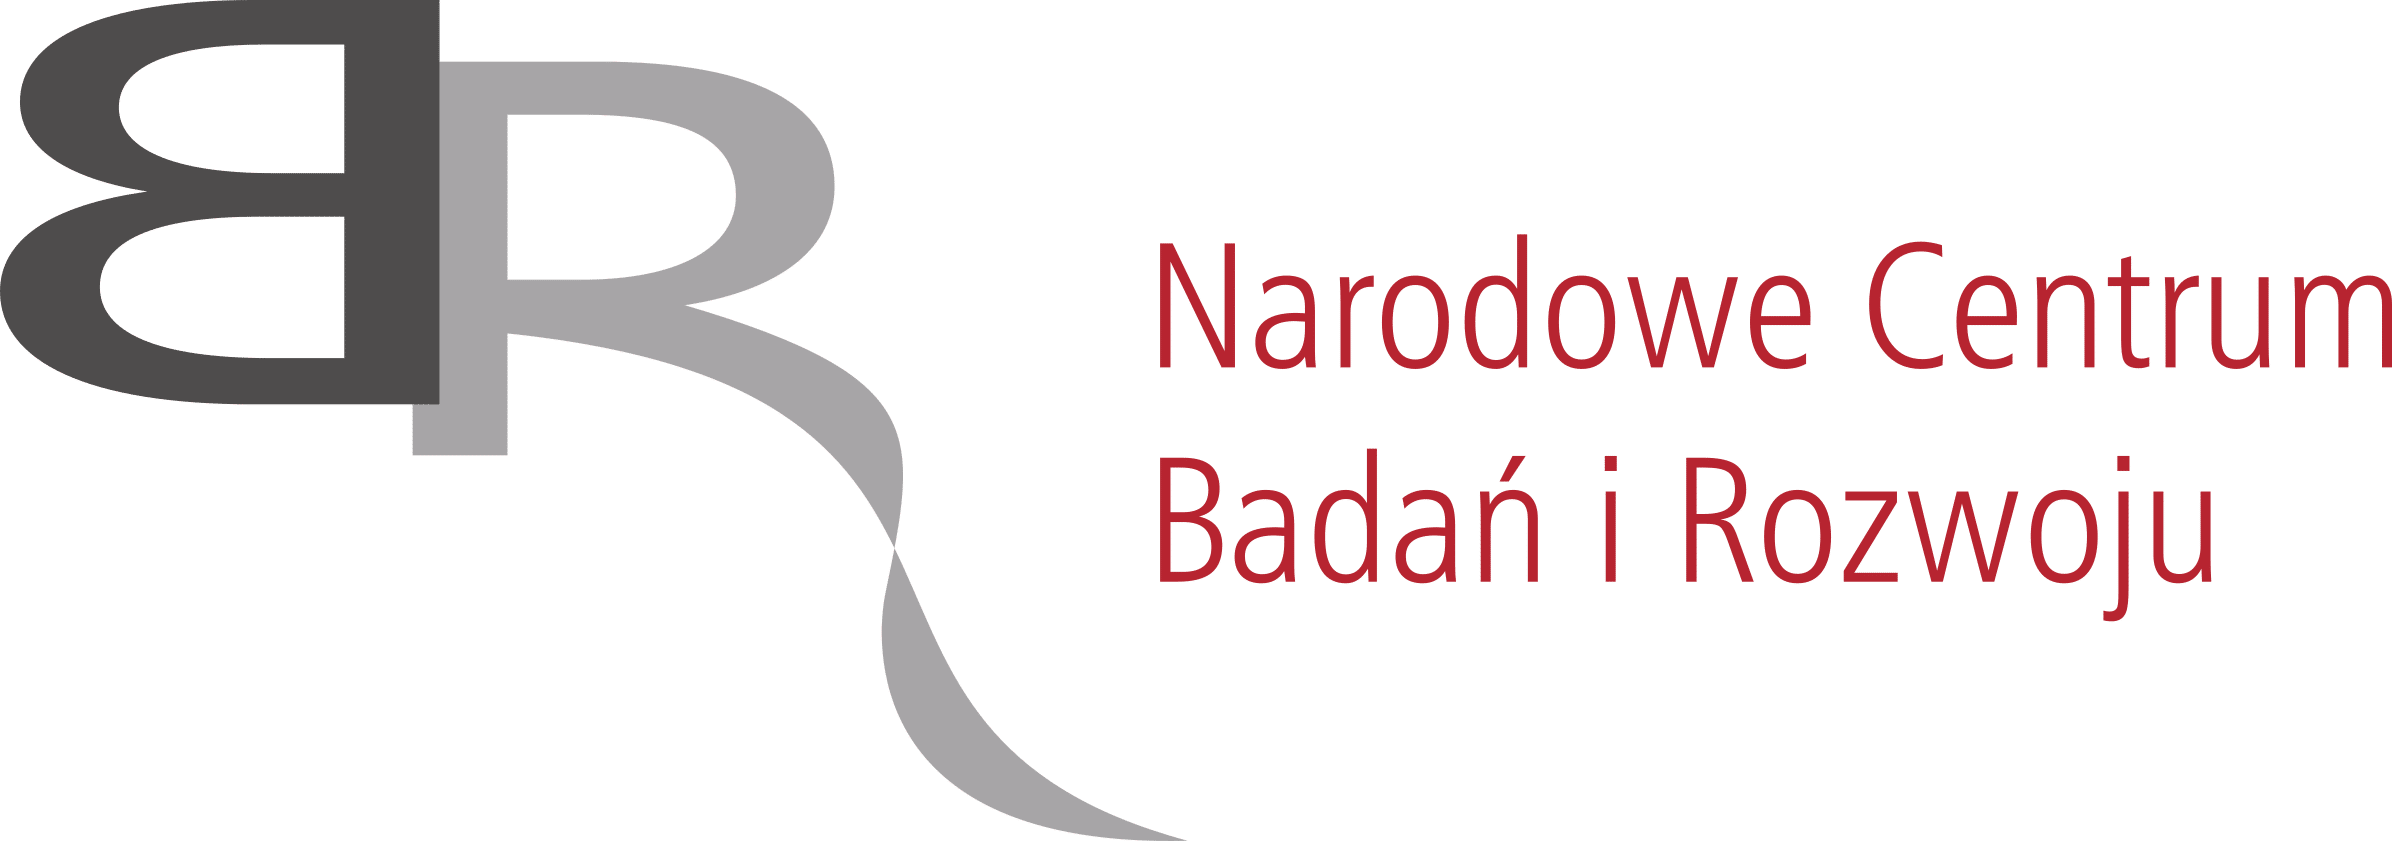 ncbr_logo